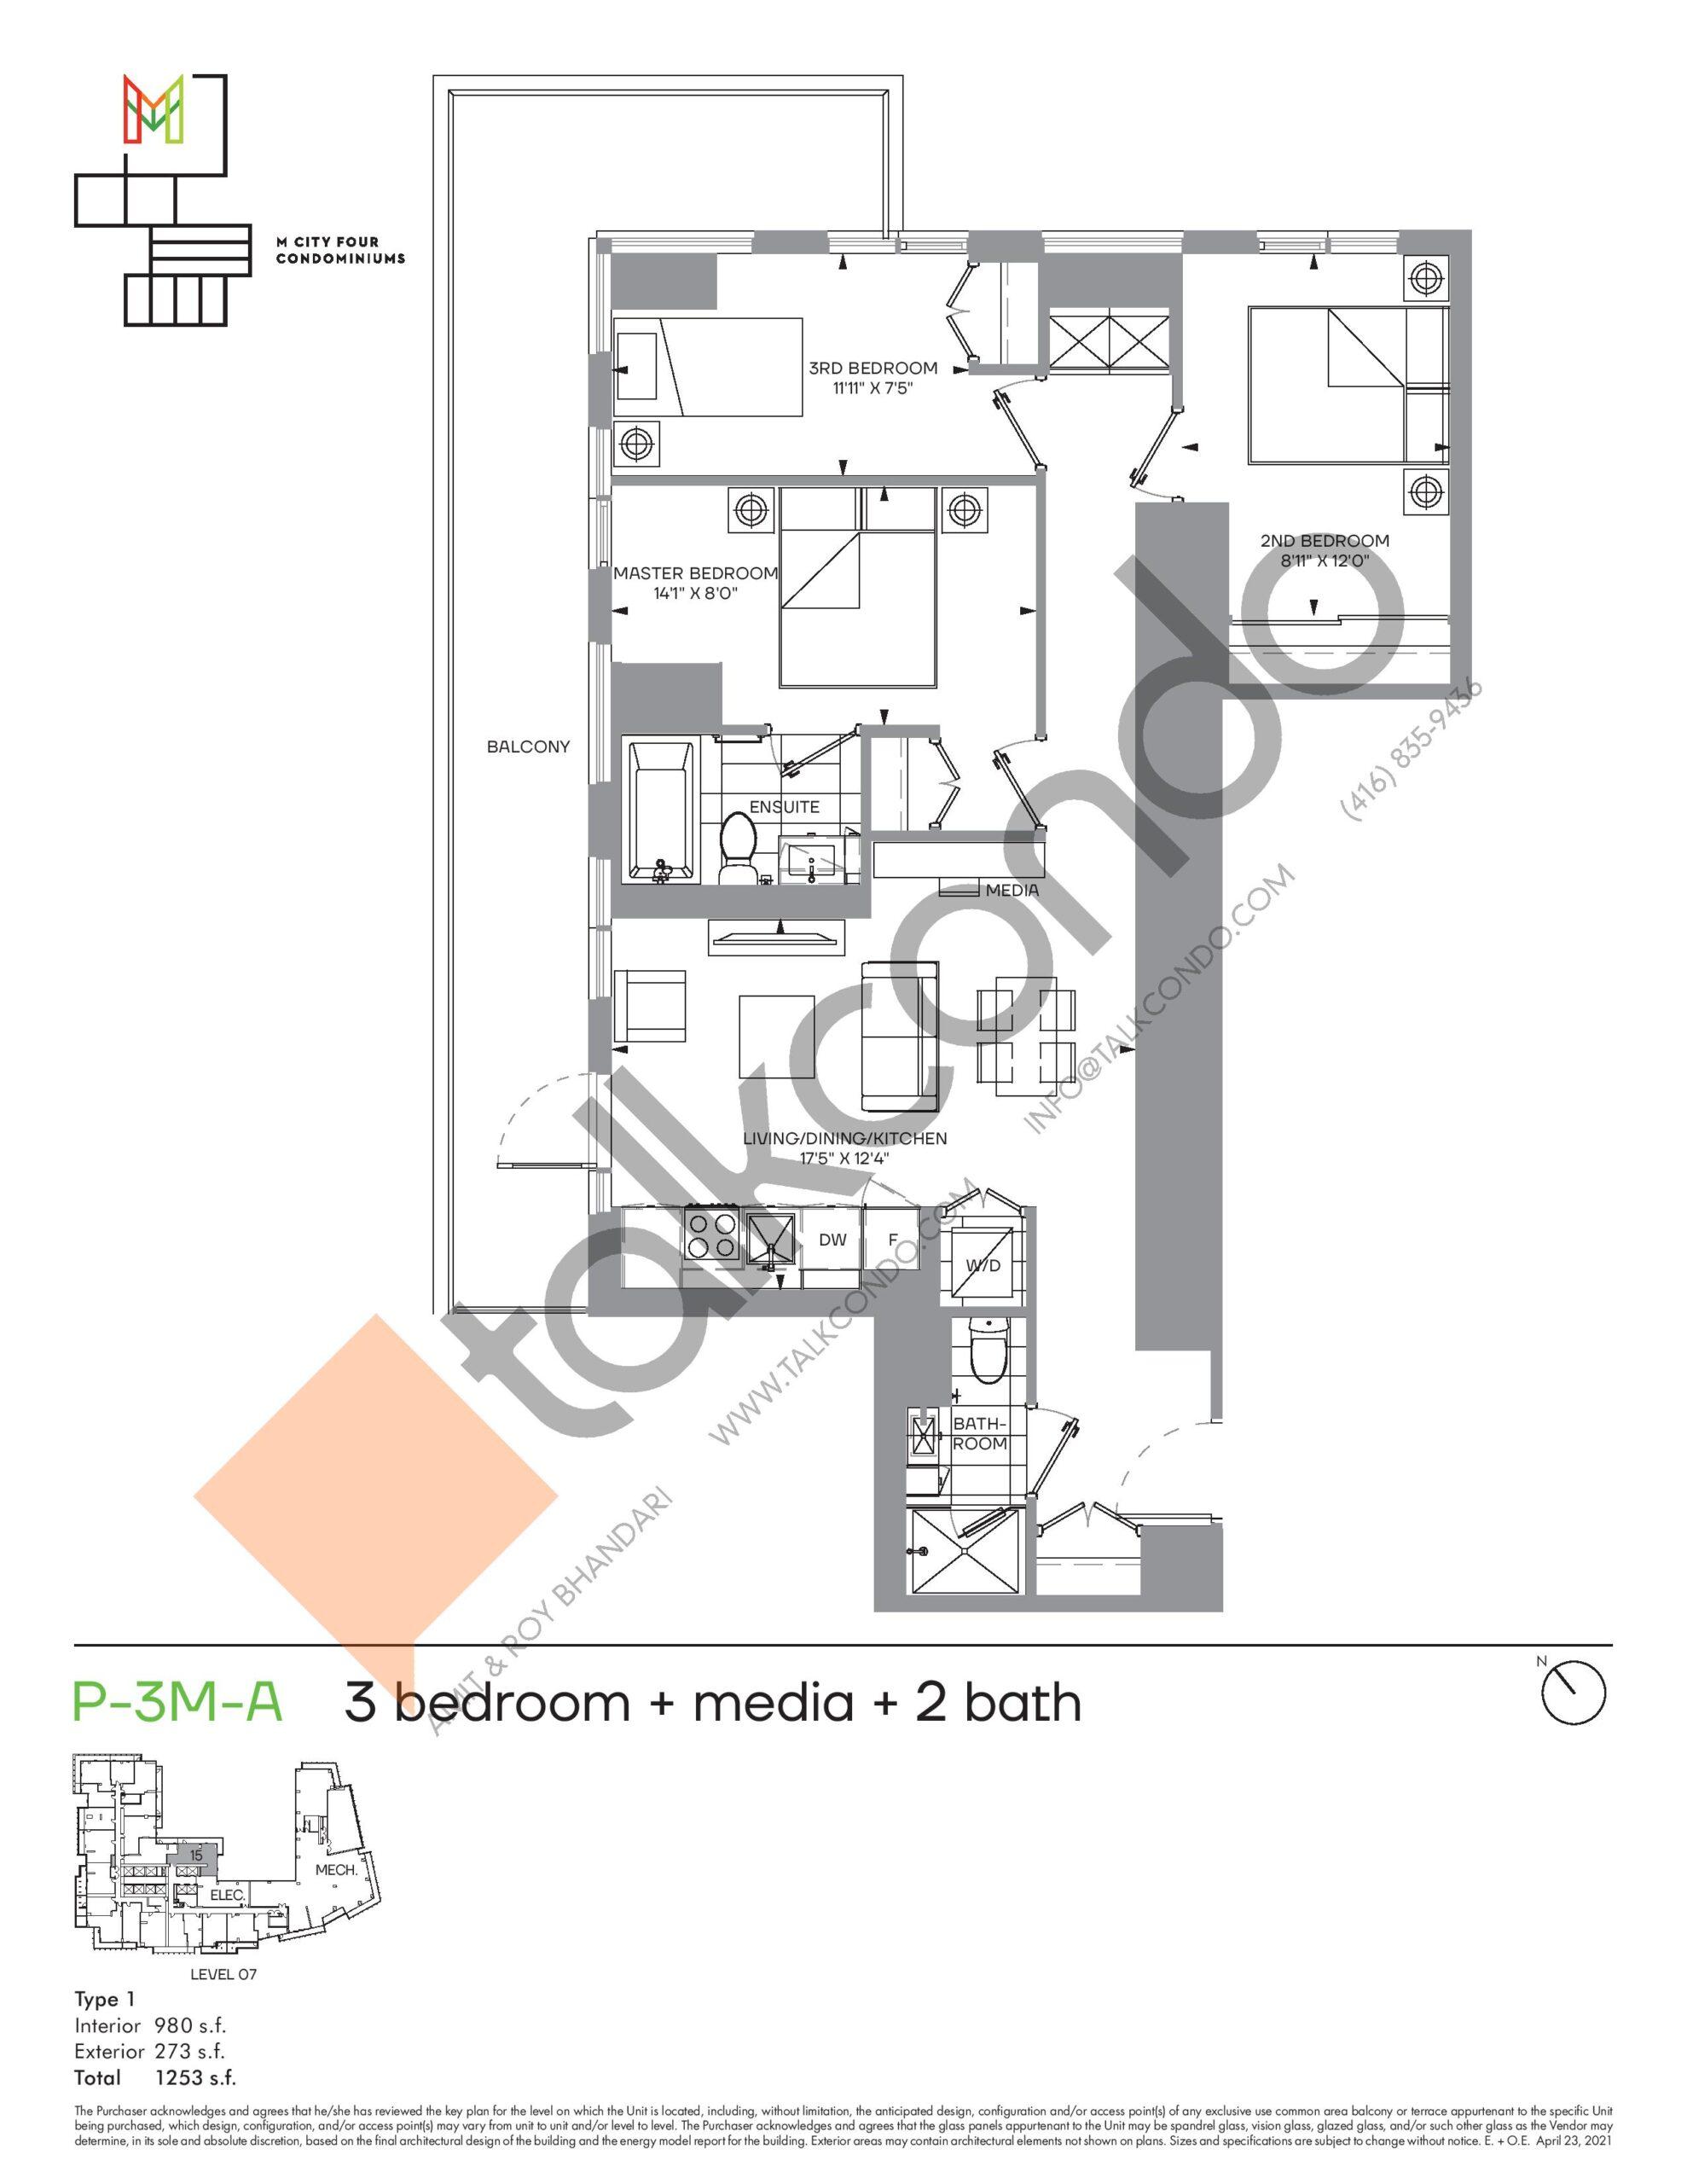 P-3M-A (Podium) Floor Plan at M4 Condos - 980 sq.ft